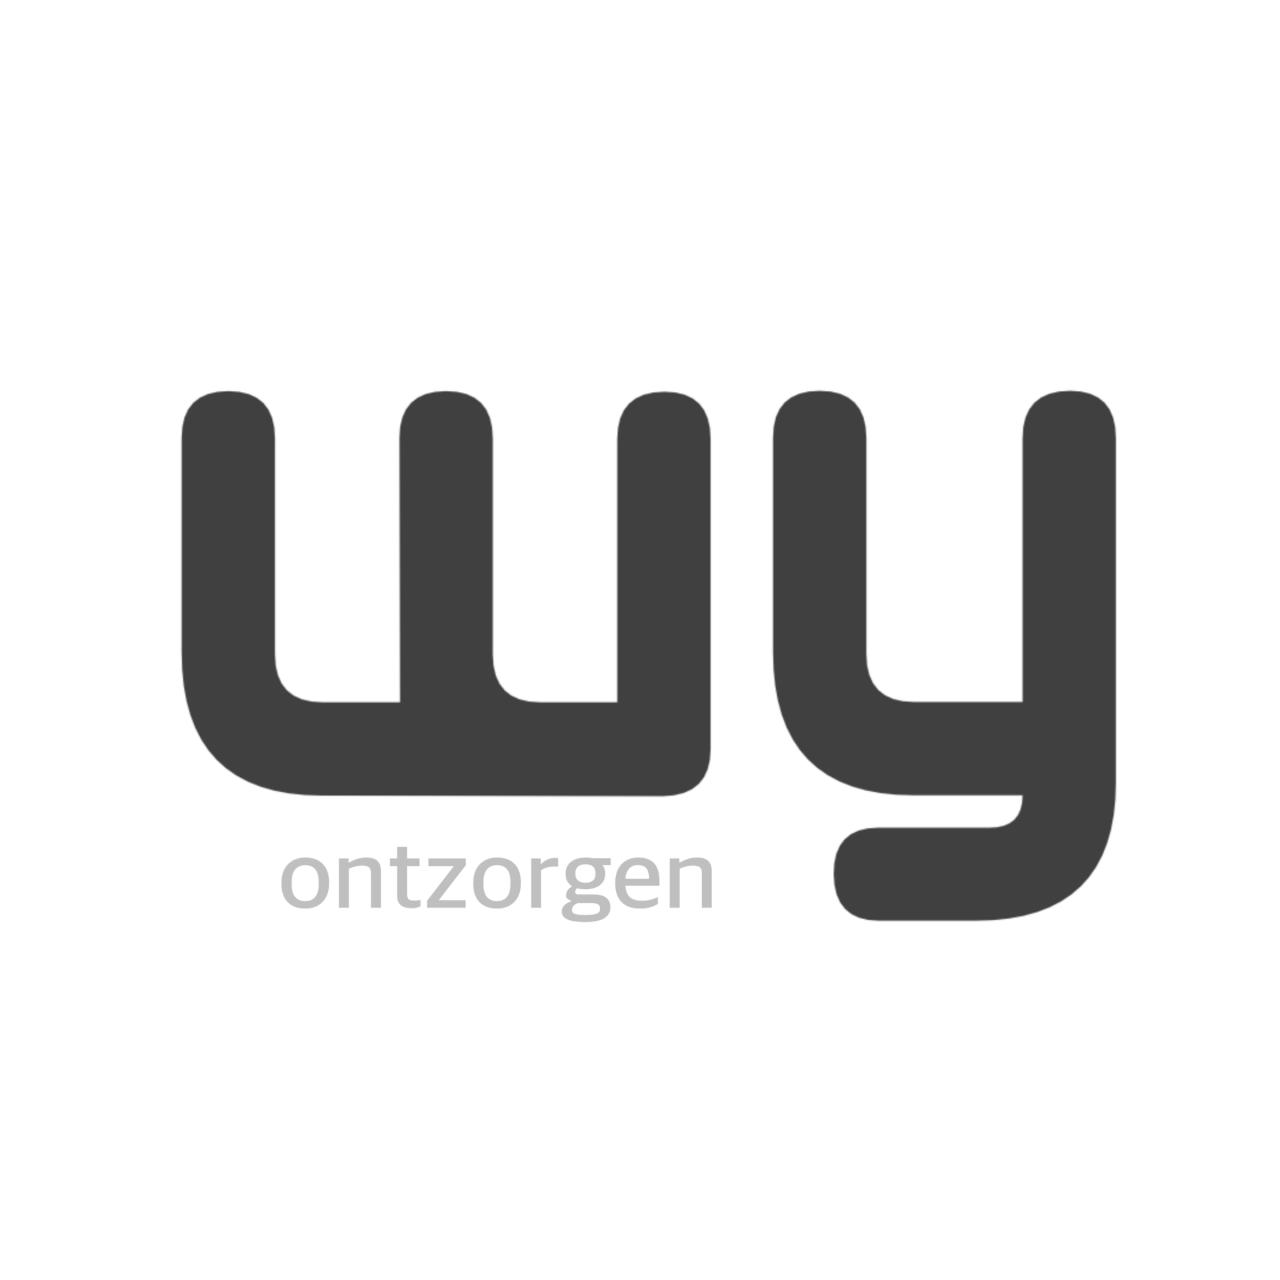 Logo WY ontzorgen | alles voor events!